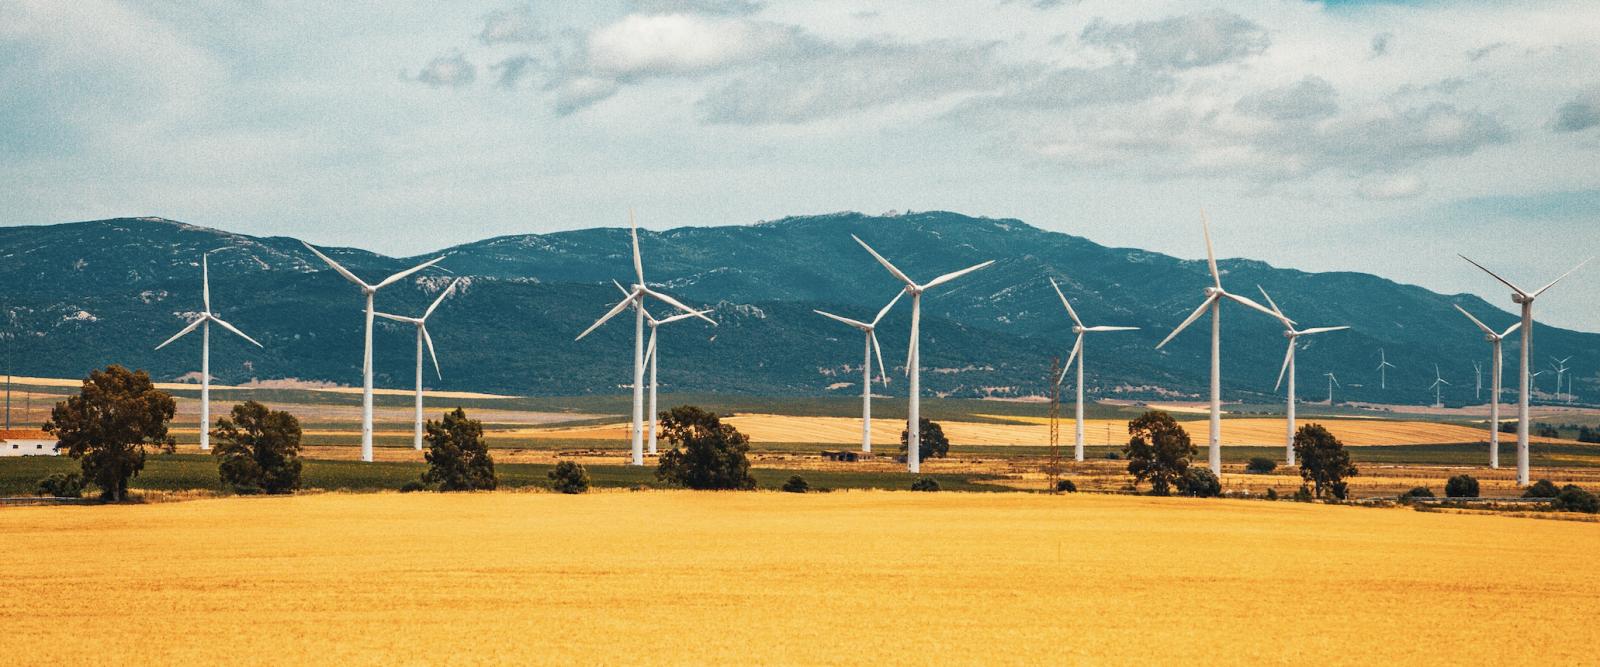 la traçabilité sur le marché de l'électricité